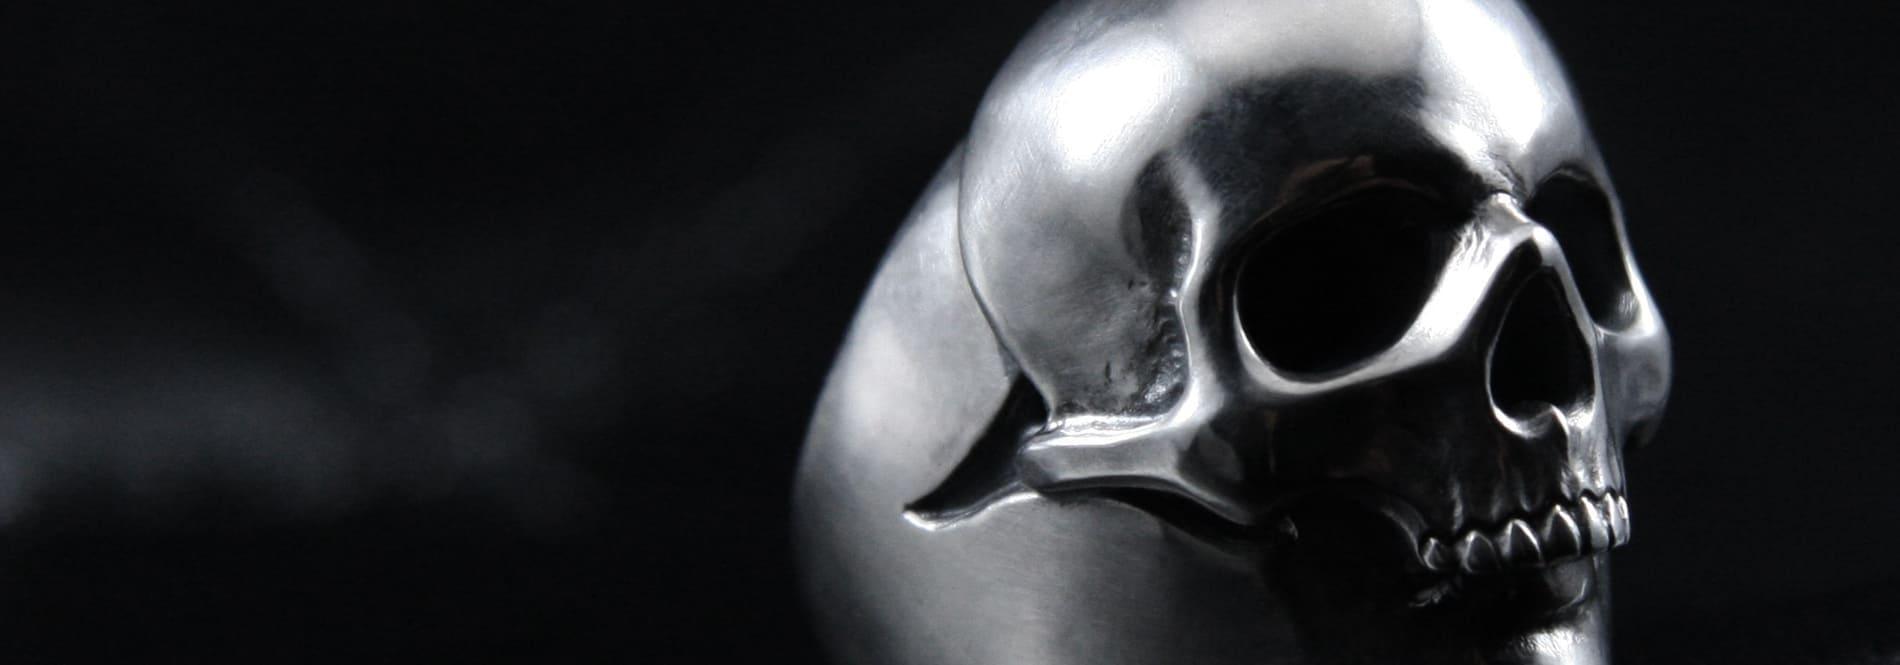 Masked Ring Type Human